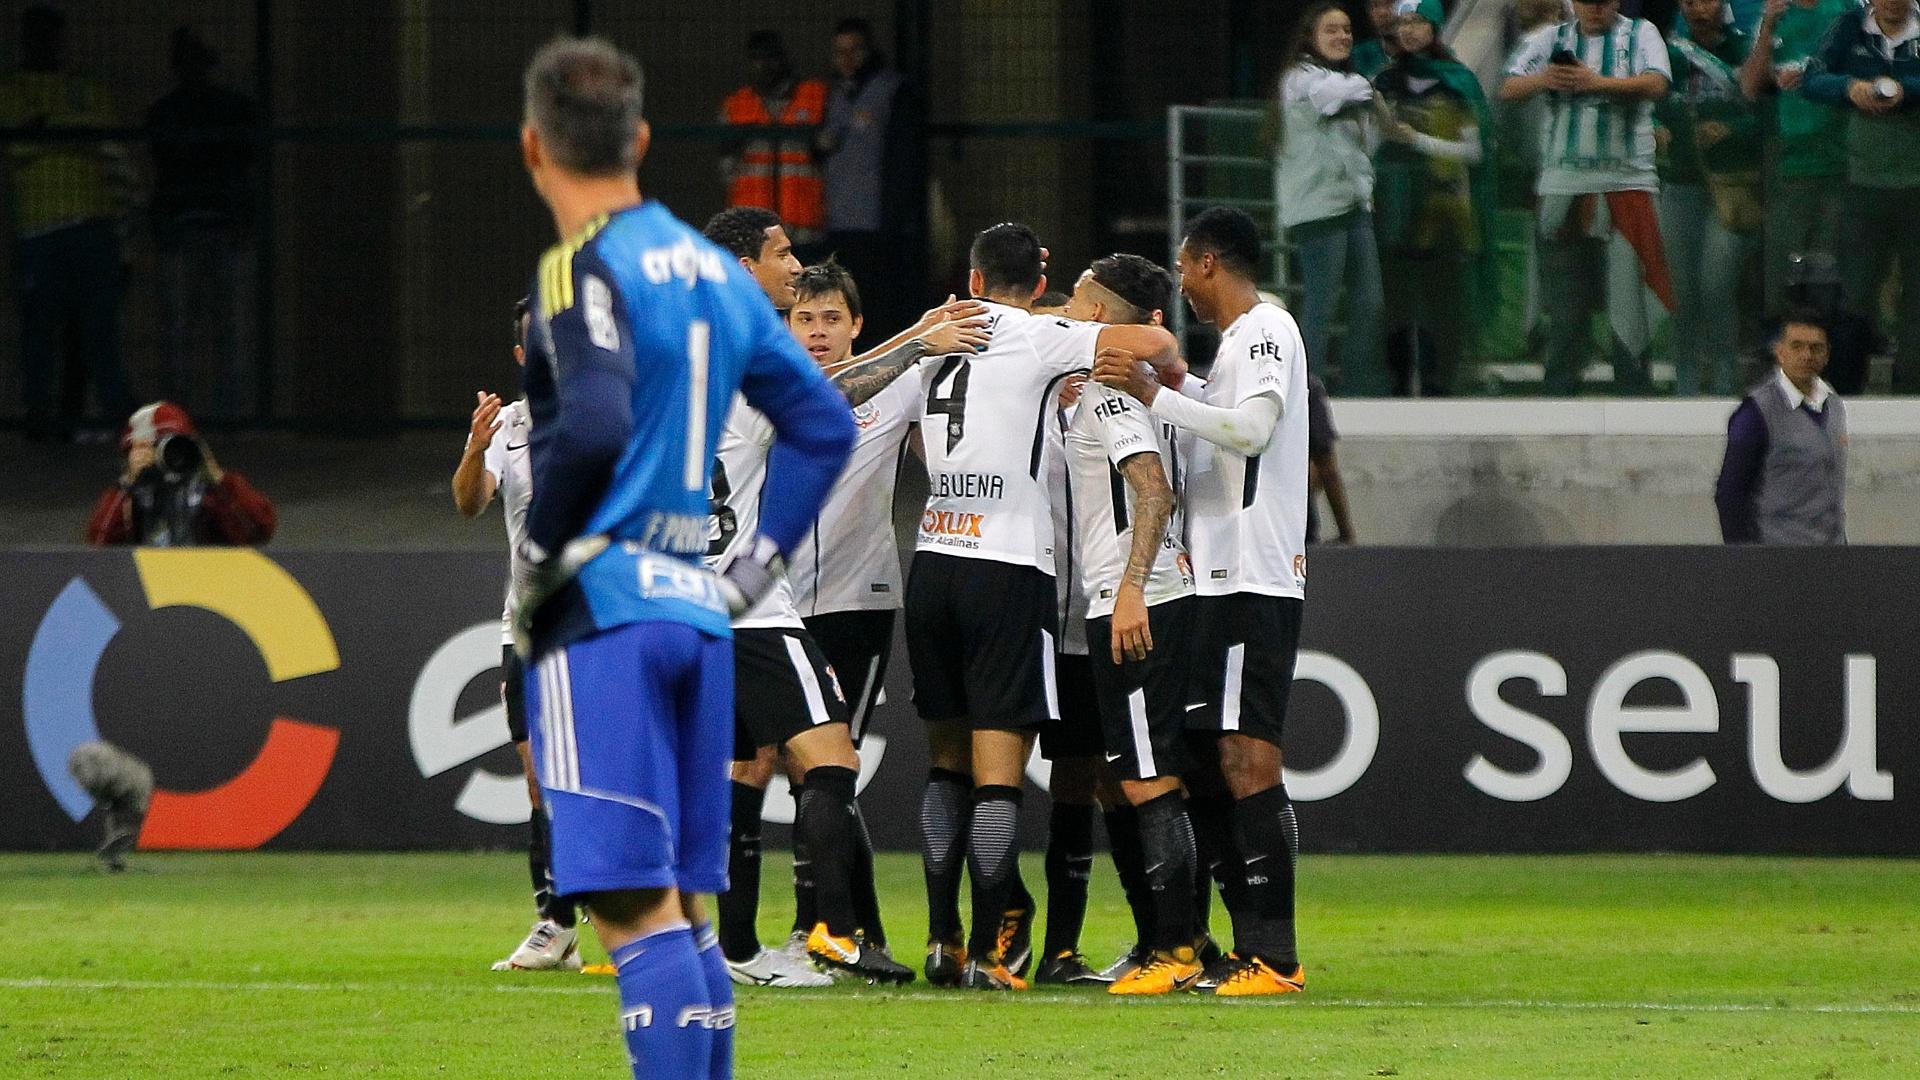 Prass observa jogadores do Corinthians comemorarem vitória no Allianz Parque